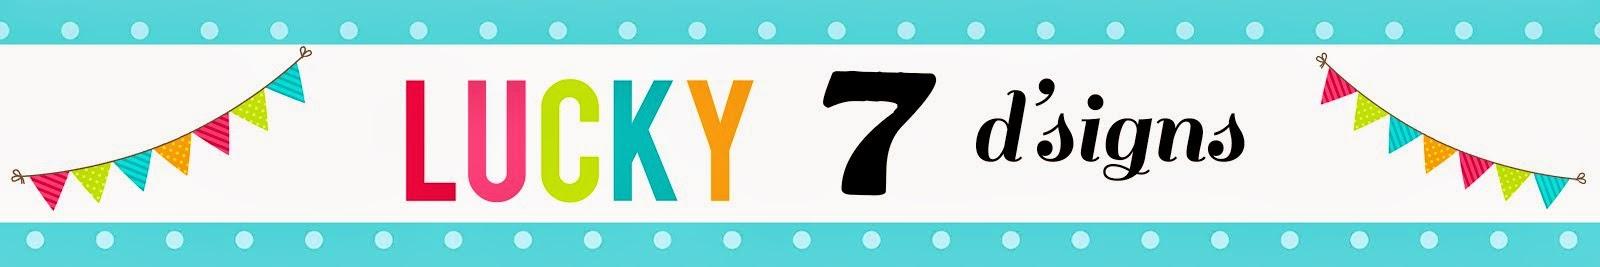 Lucky7d'signs